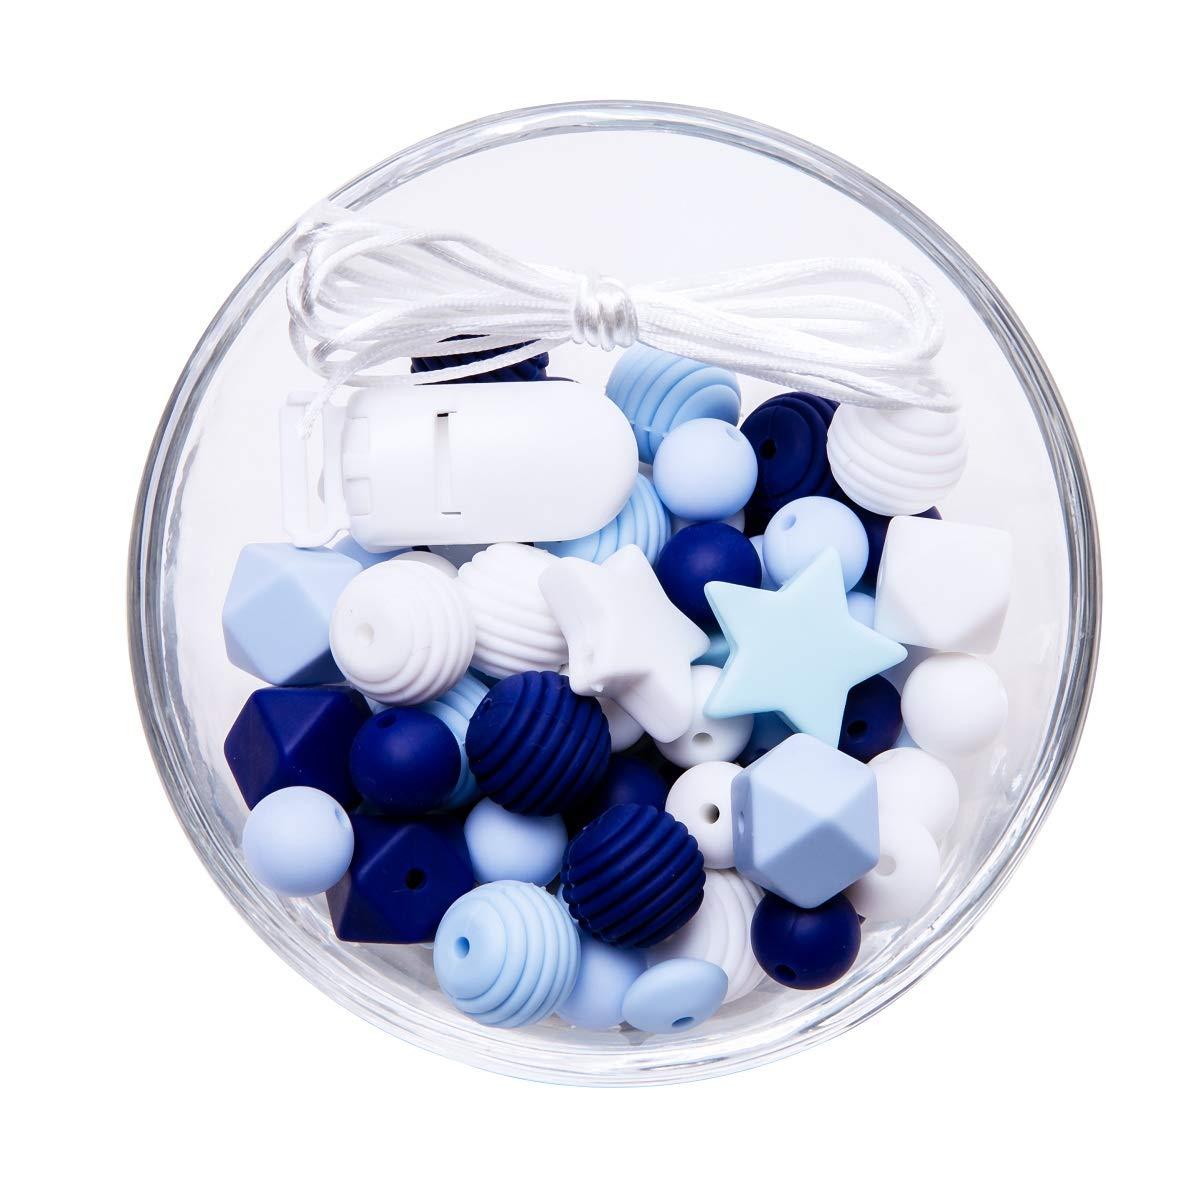 Promise Babe Silikon Bei/ßring Perlen DIY Set Die am Besten Geeignete Kinderkrankheiten Spielzeug Dusche Geschenk W/ährend Baby Kinderkrankheiten Graue Serie